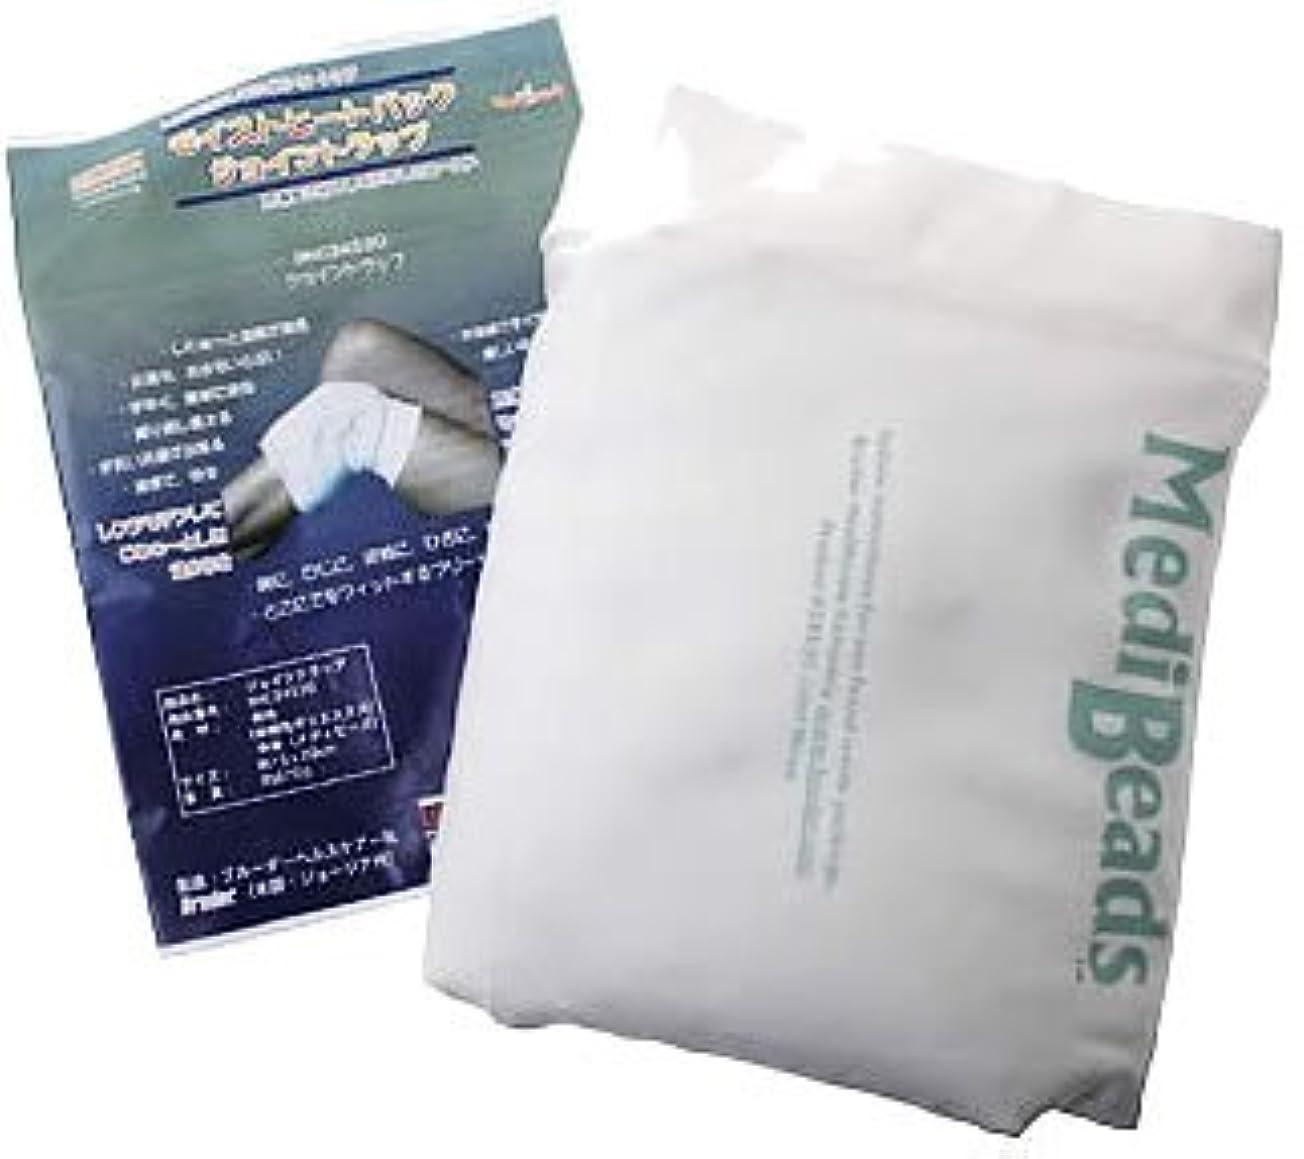 完全に力マリナー【一般医療機器】アコードインターナショナル (BHC34530) モイストヒートパック メディビーズ (ジョイントラップ) 15×20cm 温湿熱パック 温熱療法